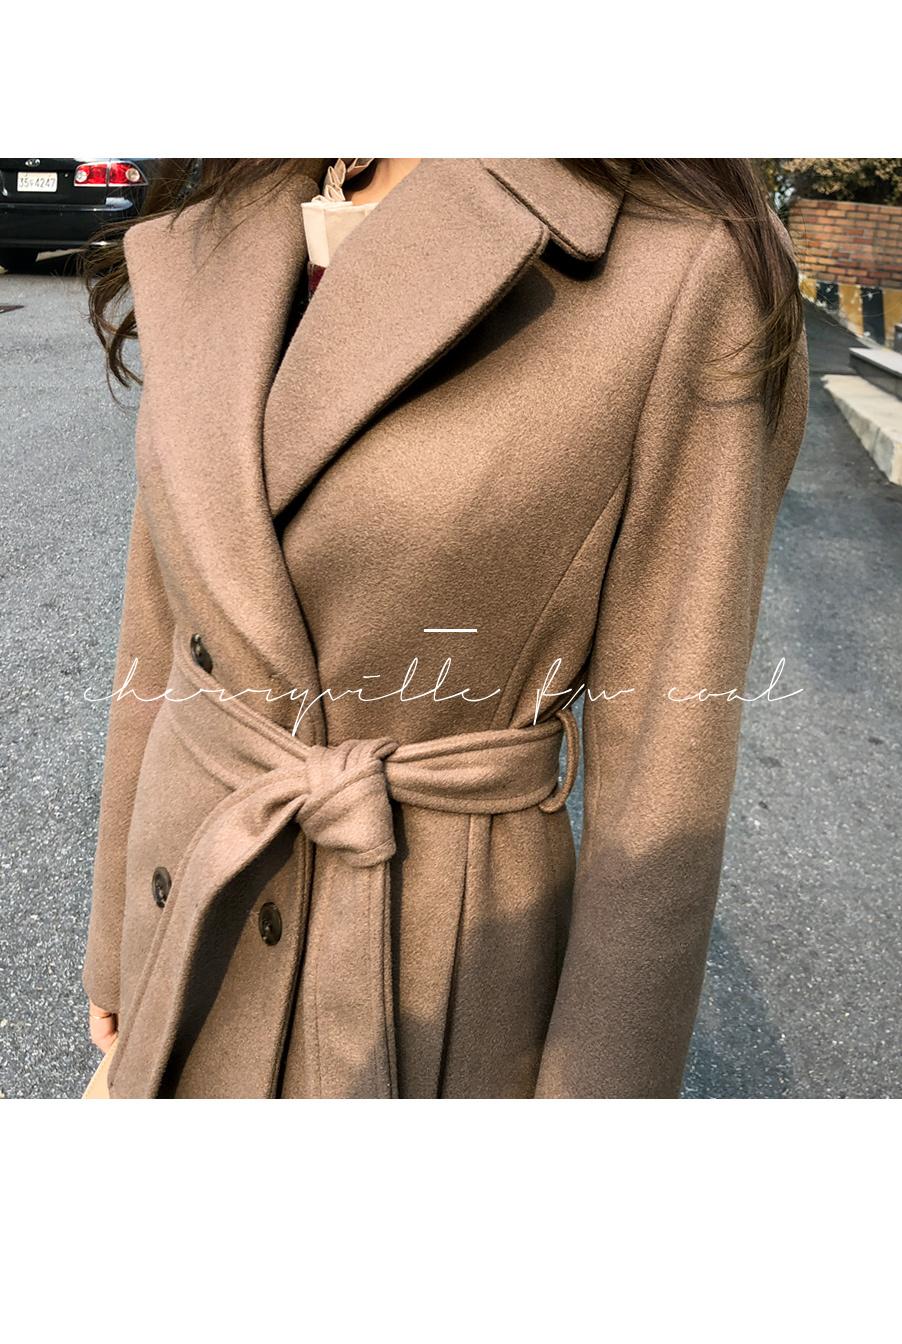 Nu Beam coat against line